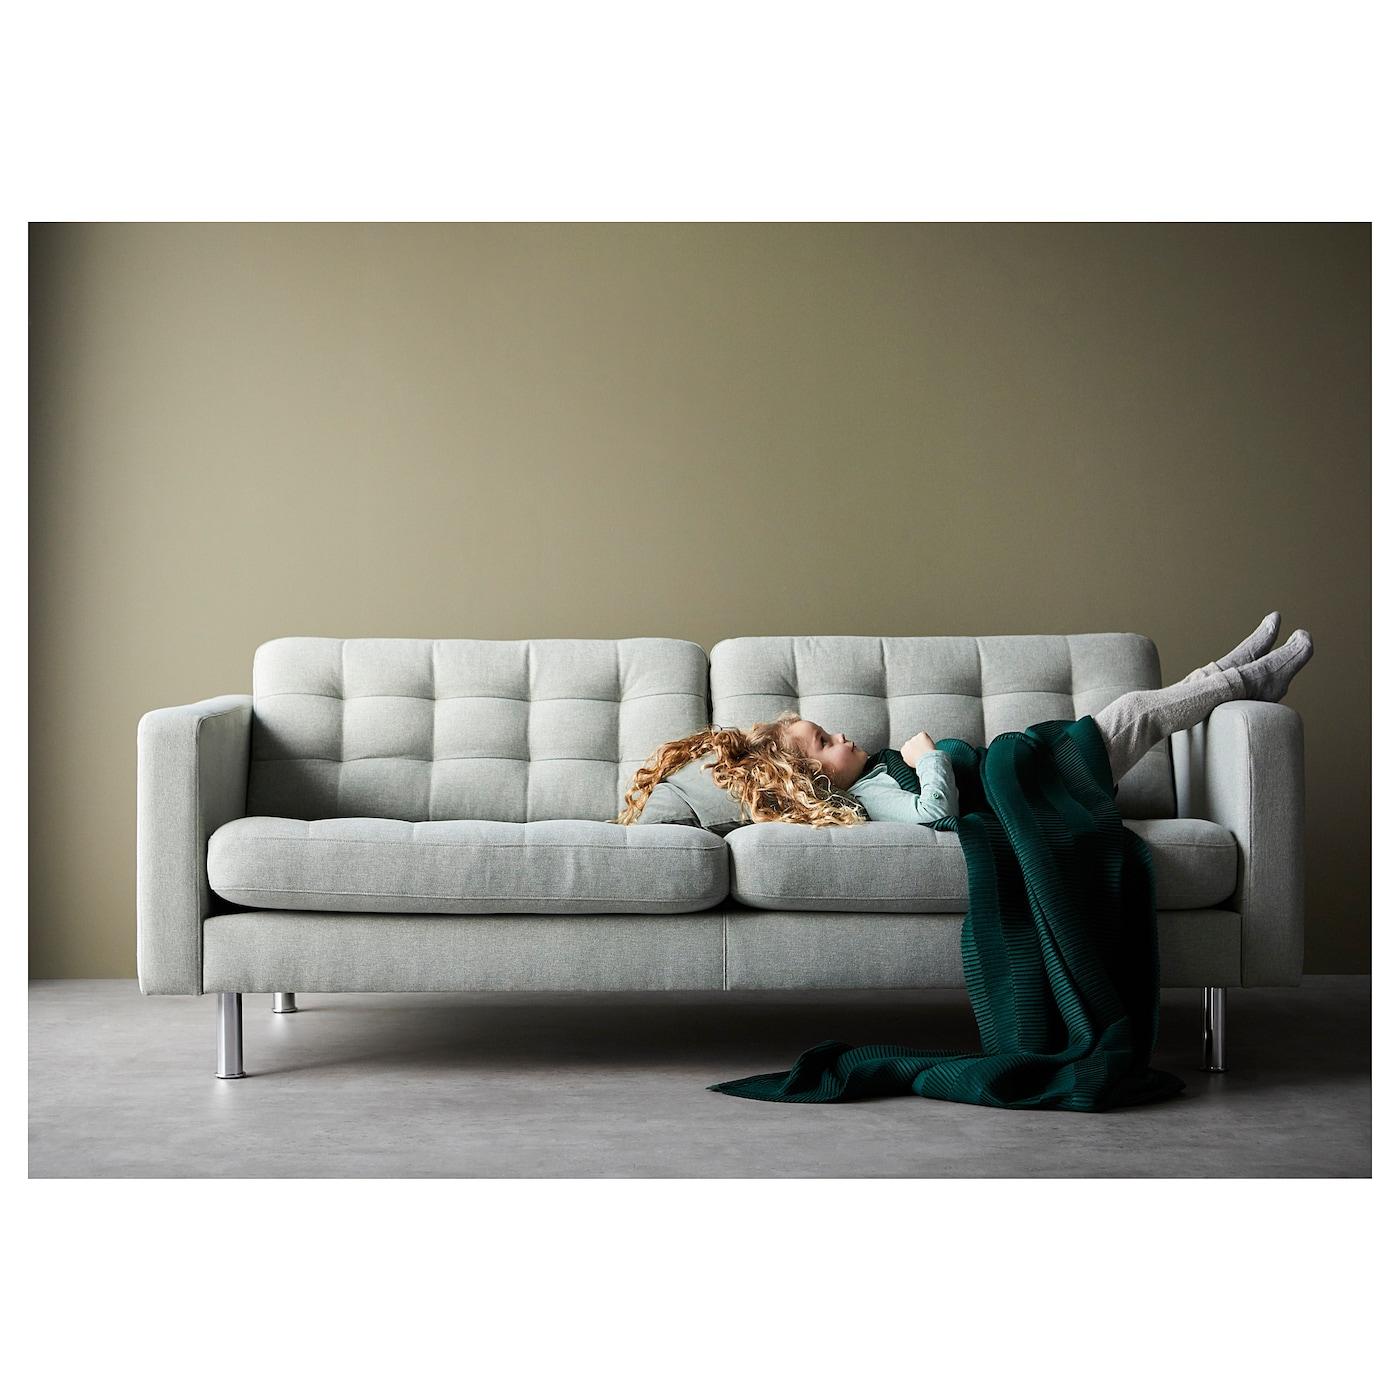 Full Size of Sofa Kaufen Ikea Landskrona 3er Landhausstil Höffner Big Franz Fertig Chesterfield Günstig Heimkino 2 5 Sitzer Federkern Zweisitzer Indomo Gebrauchte Küche Wohnzimmer Sofa Kaufen Ikea